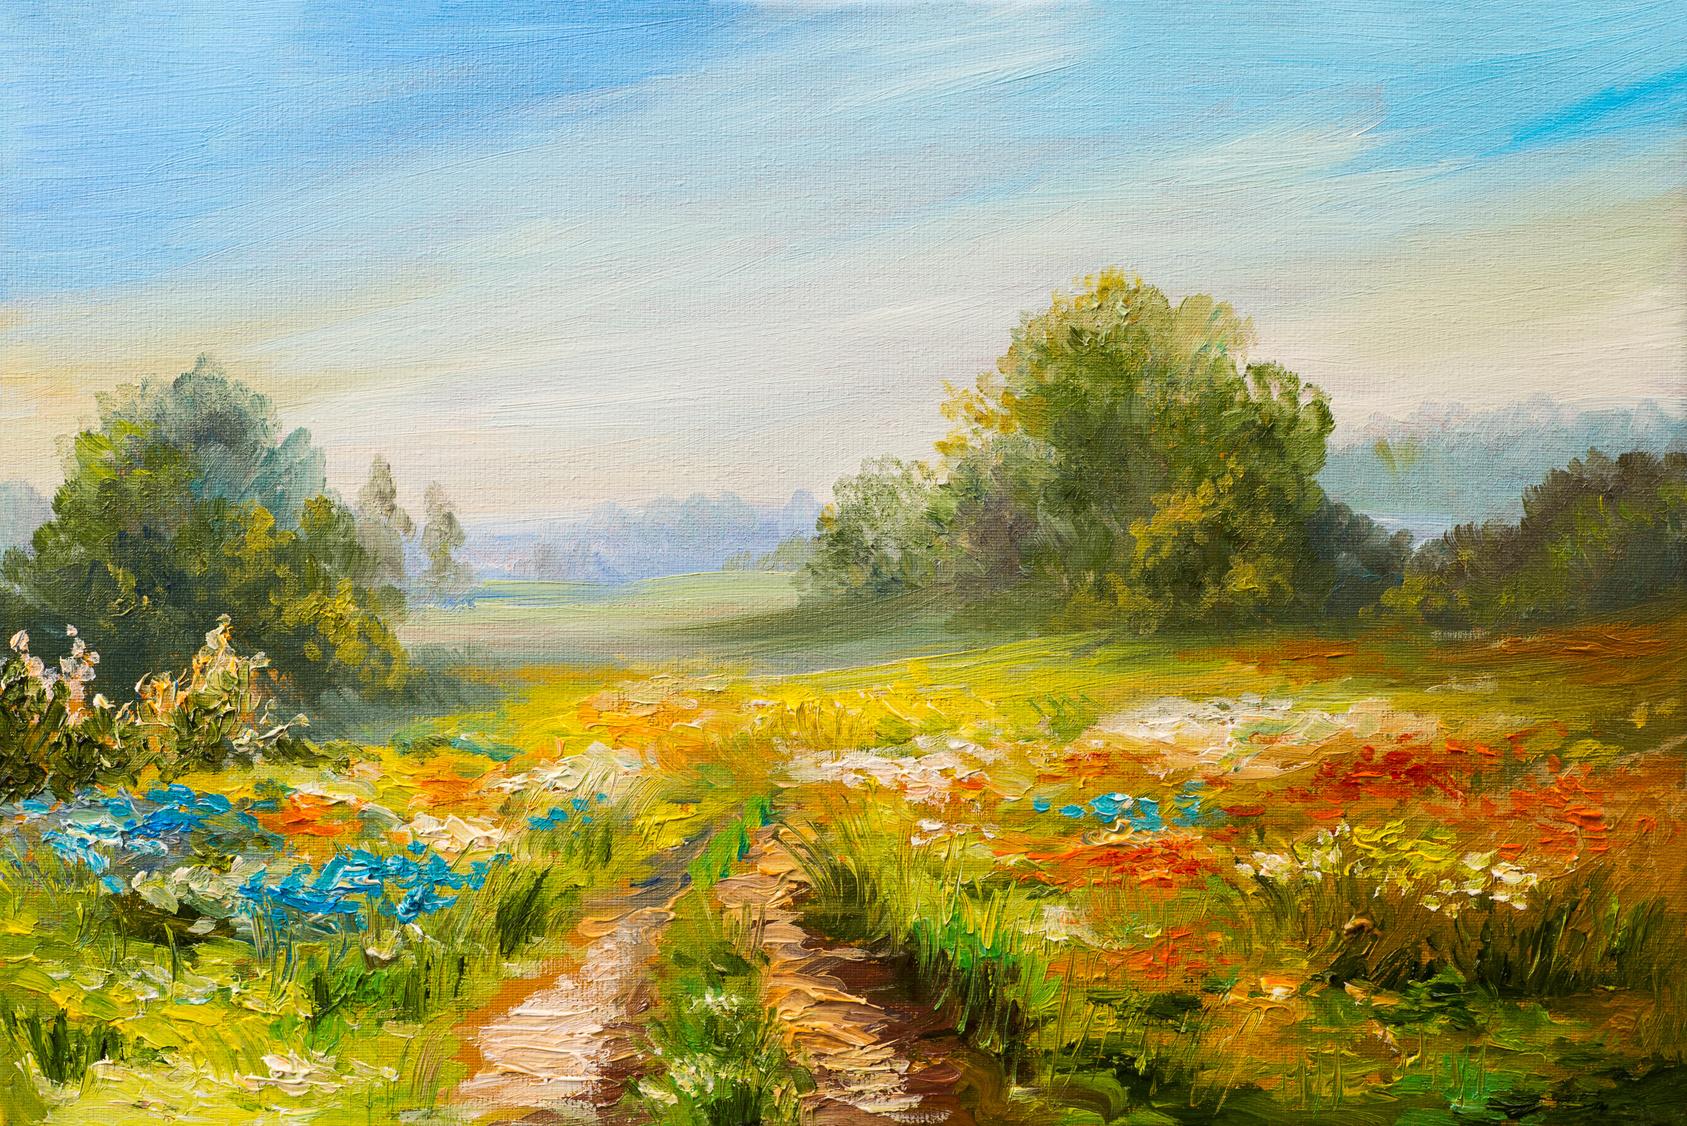 Maler Hamburg, Ölgemäldelandschaft, buntes Feld der Blumen, abstrakter Impressionismus